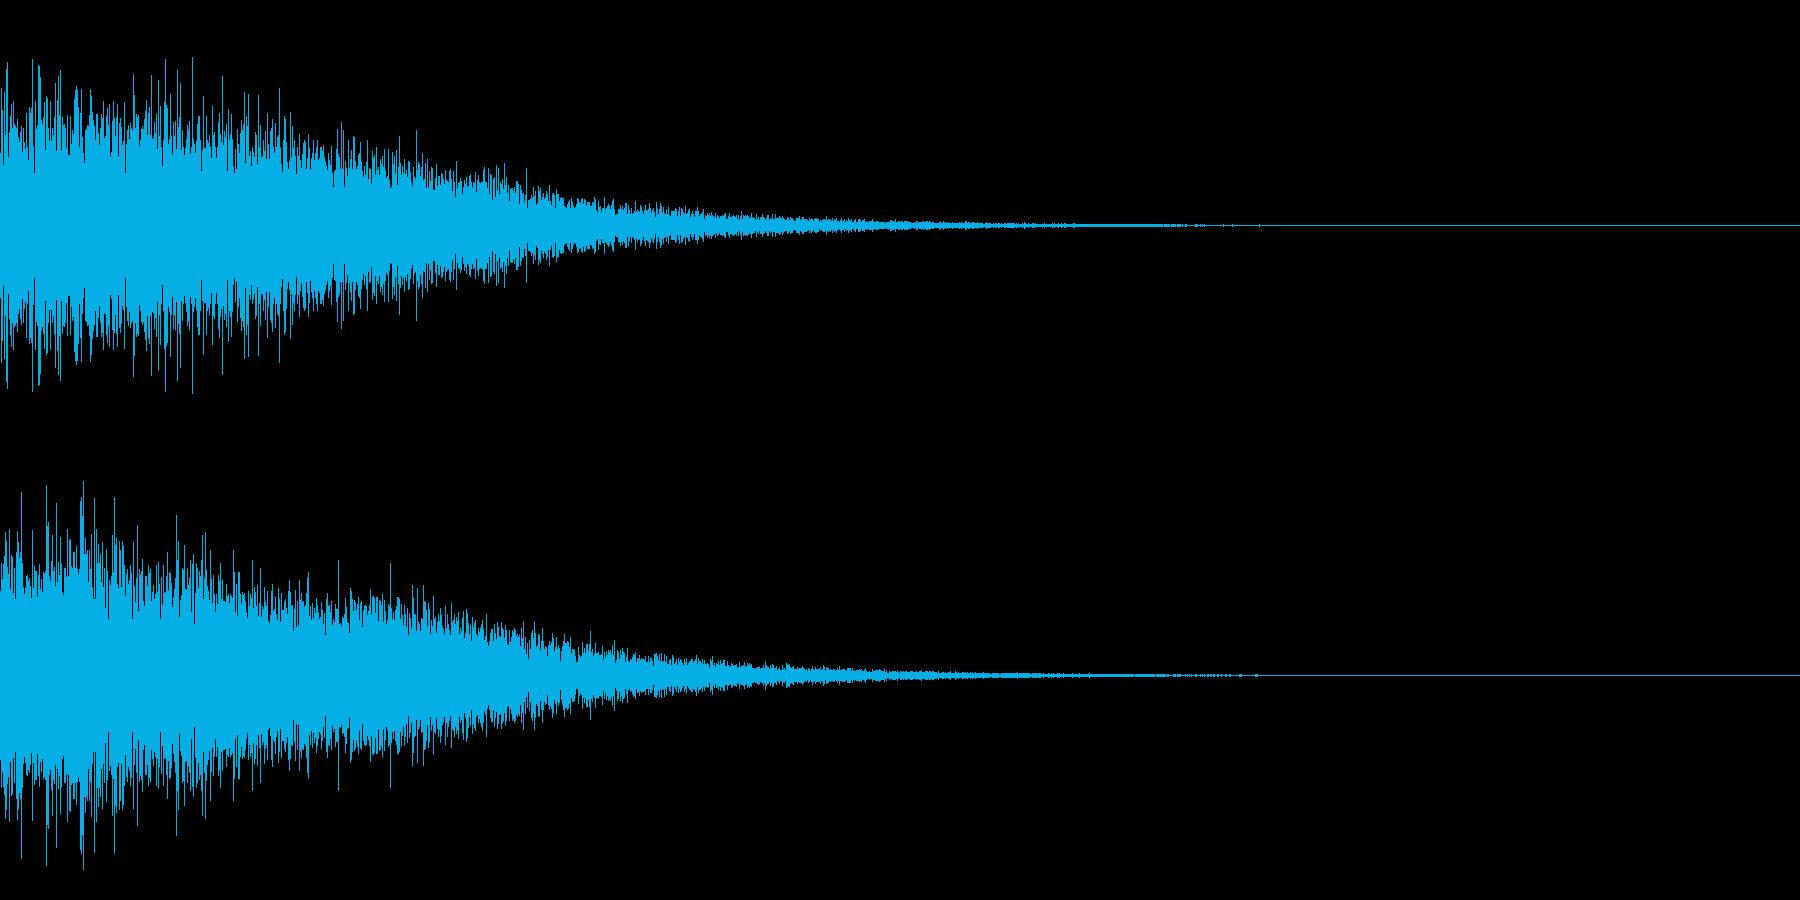 鉄が当たったときの衝撃音(ドーン)の再生済みの波形